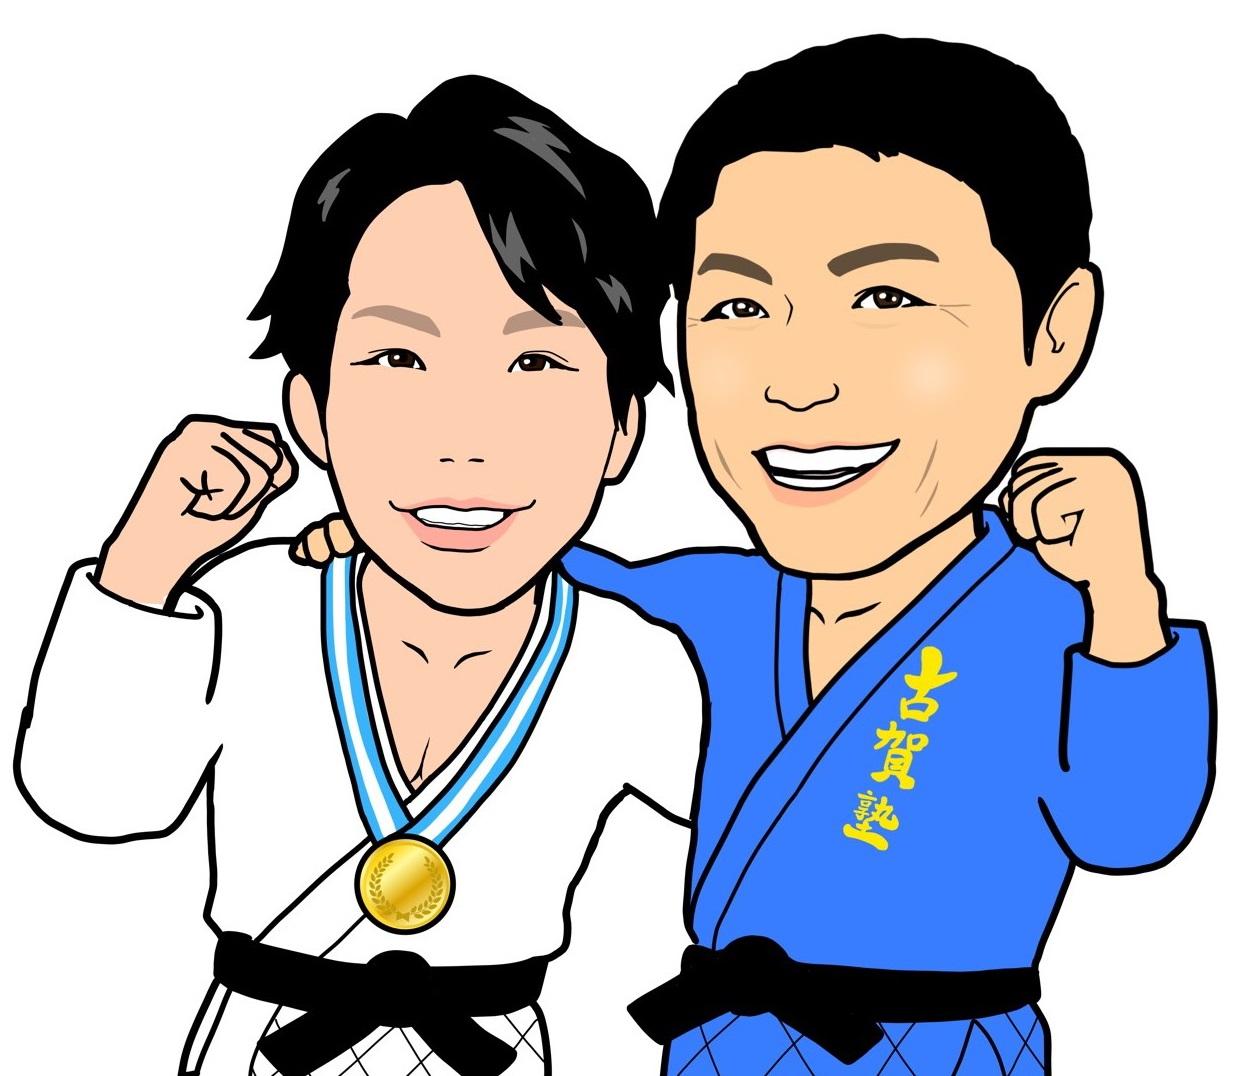 石川裕紀さんが描いた古賀玄暉と稔彦さん(右)の親子イラスト(本人提供)